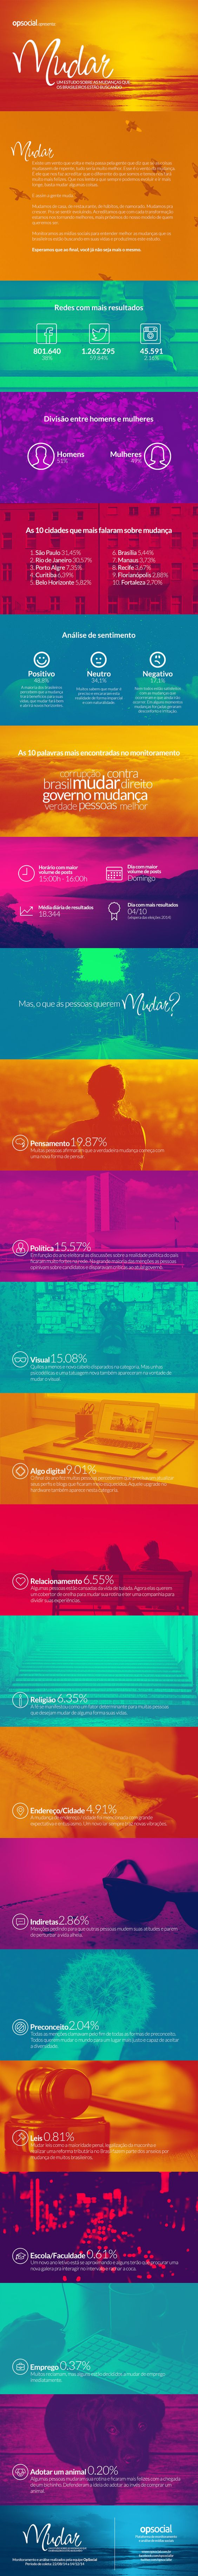 Mudar - um estudo sobre as mudanças que os brasileiros estão buscando em suas vidas.